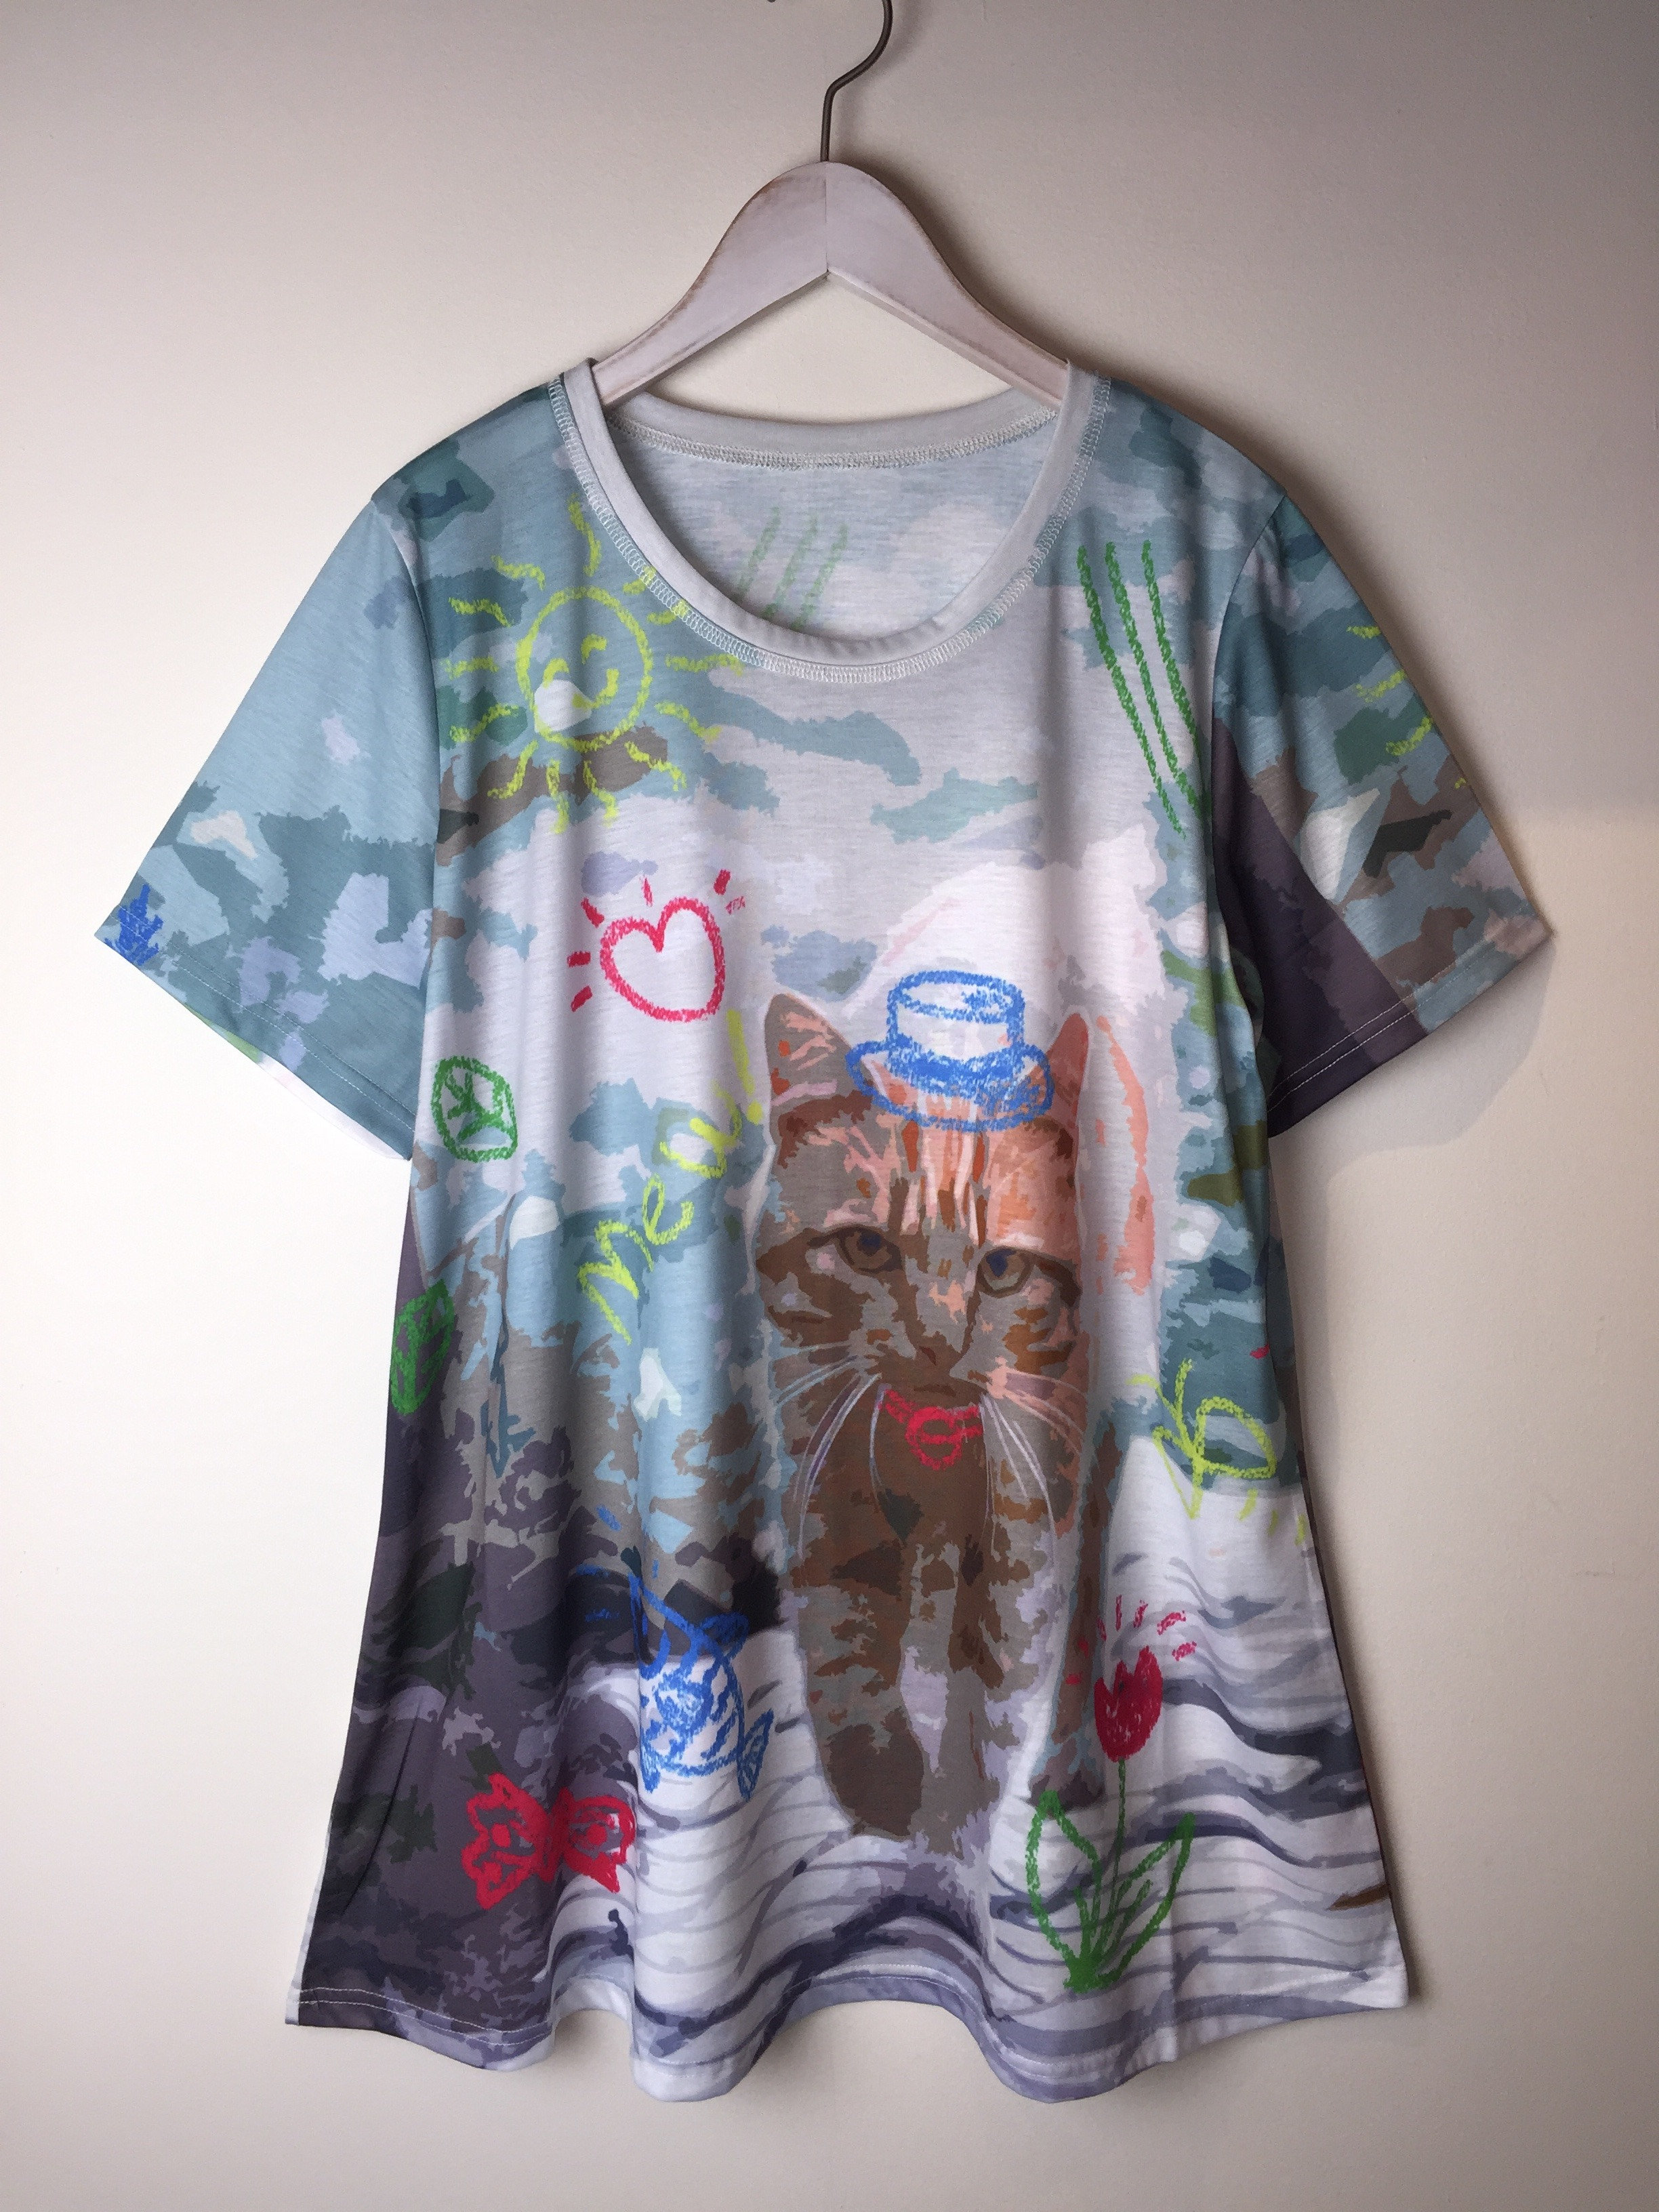 【SALE】ネコT いたずら書き風イラストTシャツ 茶トラ LL【40%OFF】